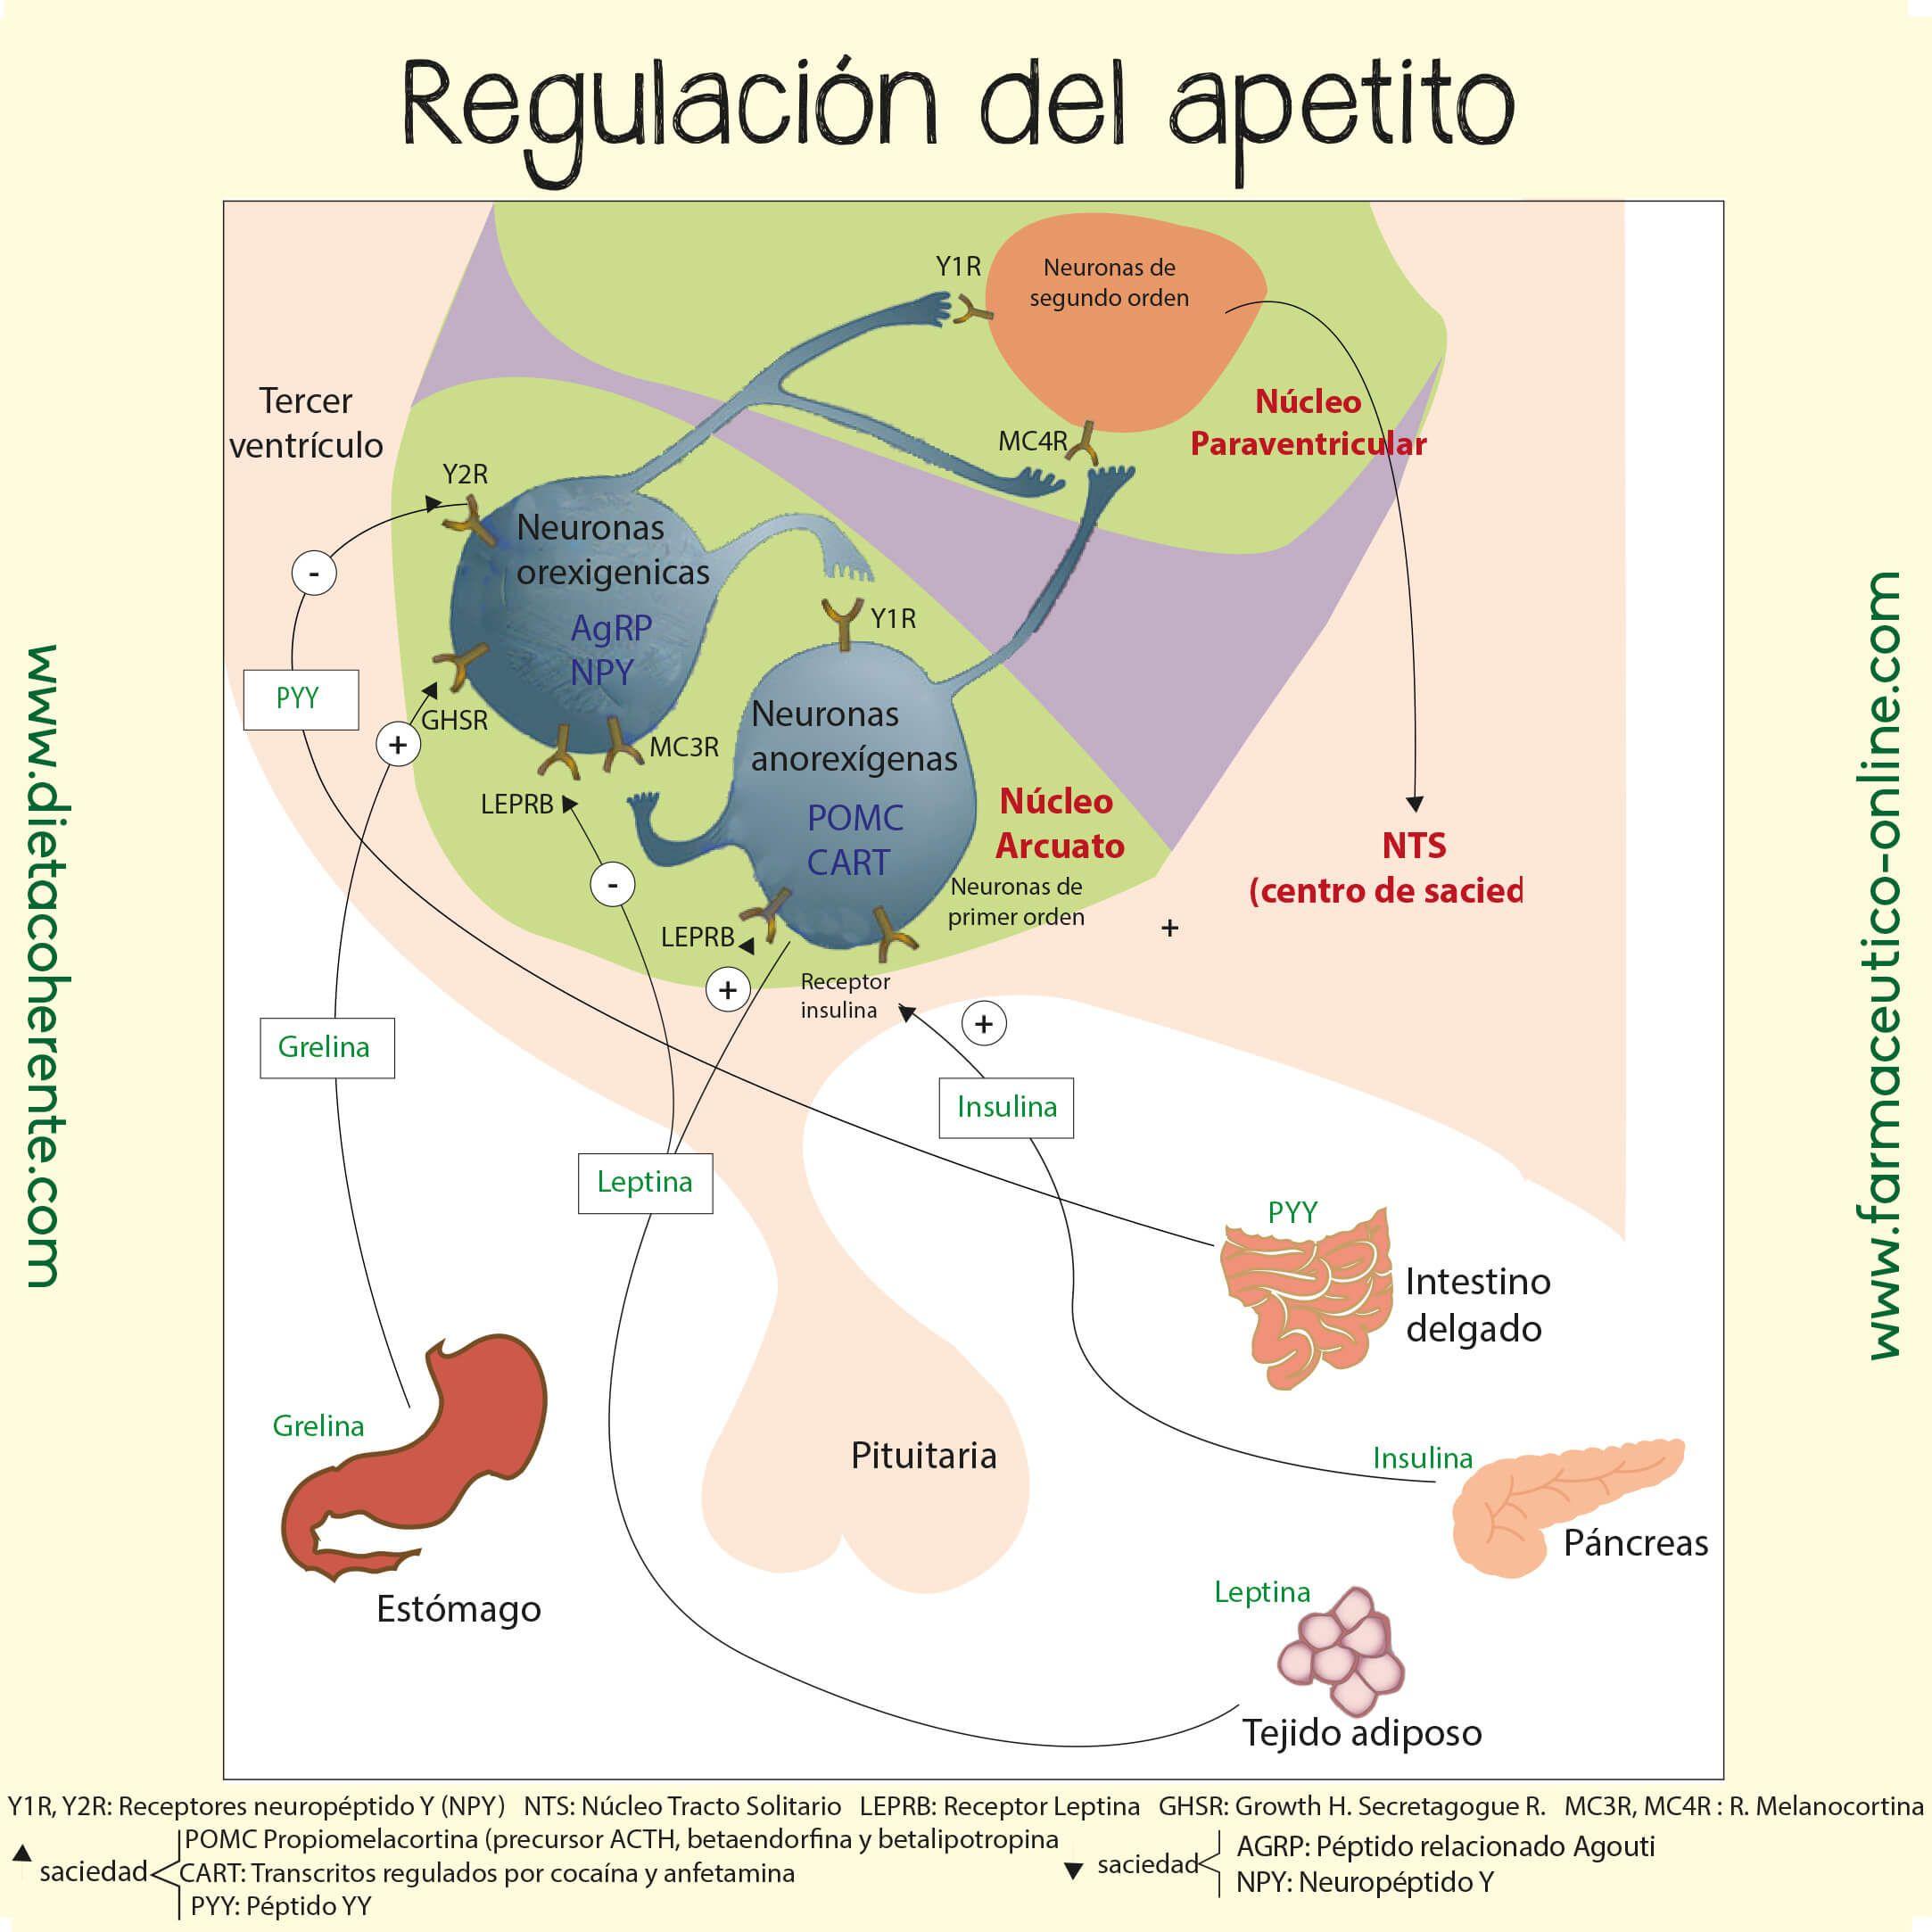 Fisiologia del hambre y apetito